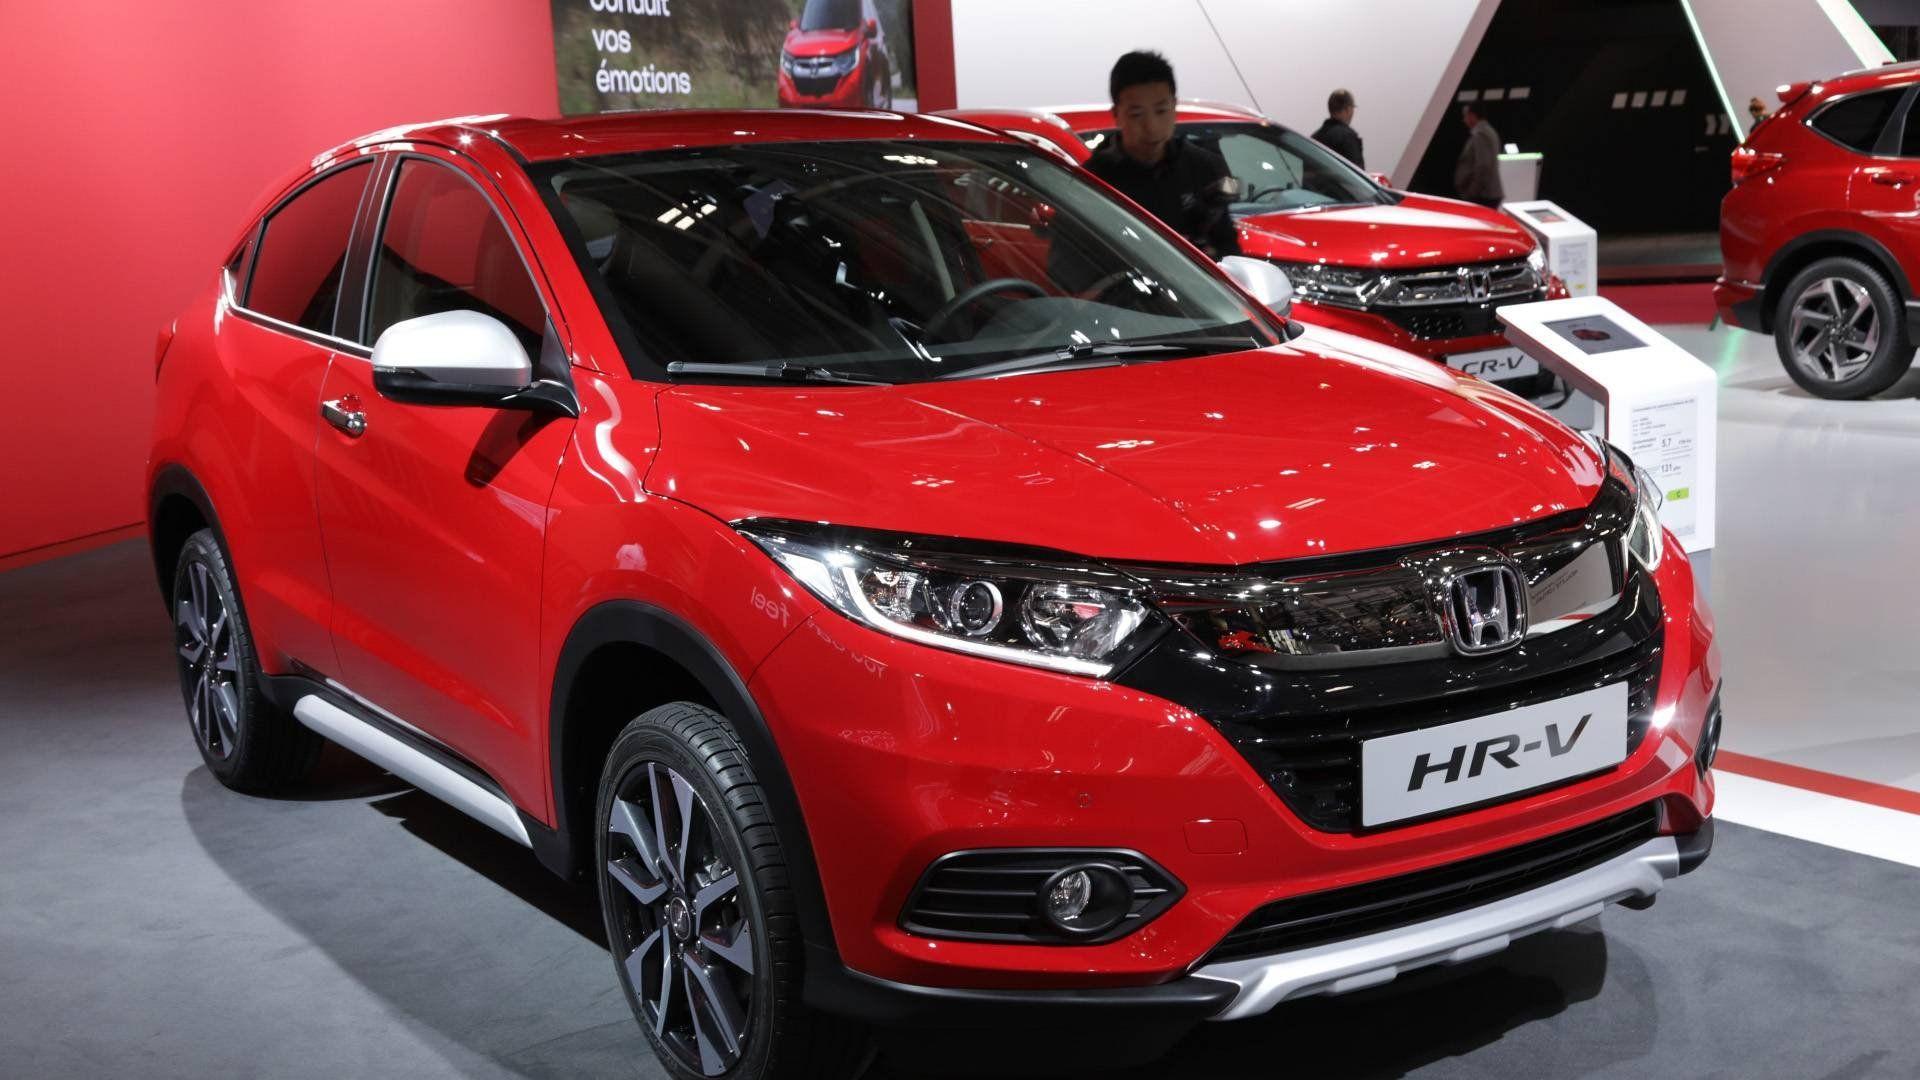 Kelebihan Kekurangan Harga Mobil Honda Hrv Harga